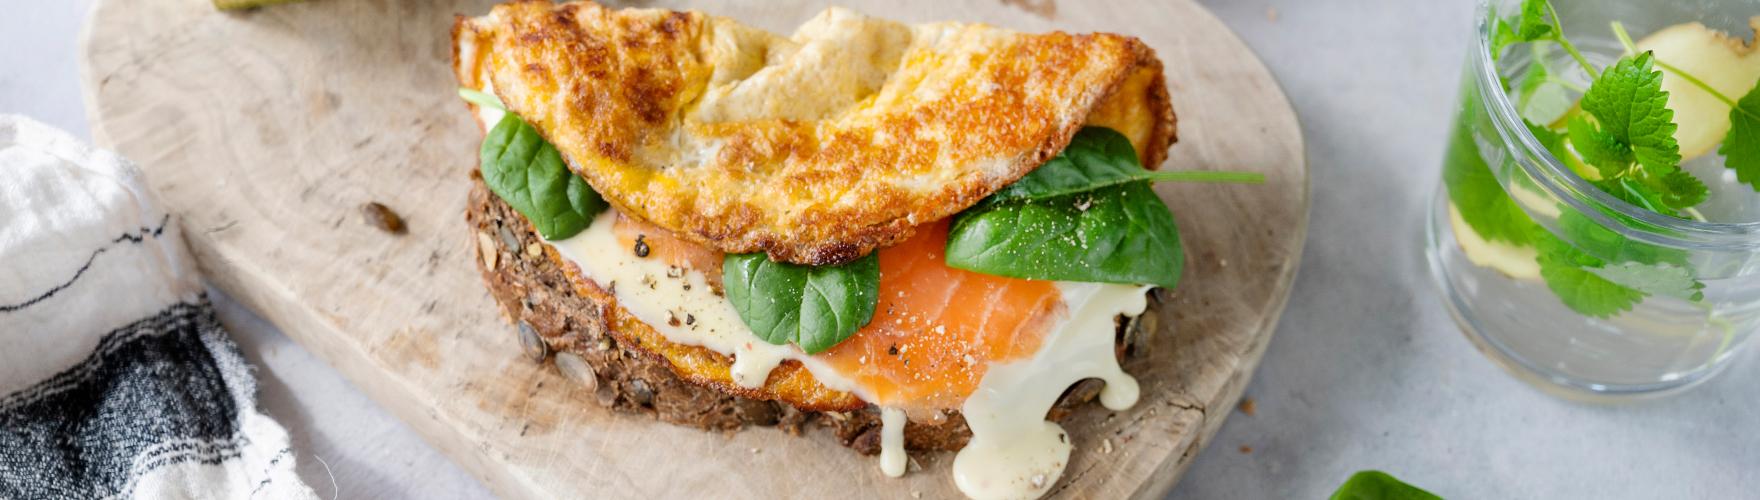 Boeren boterham belegd met een omelet, biologische kaas, zalm en babyspinazie